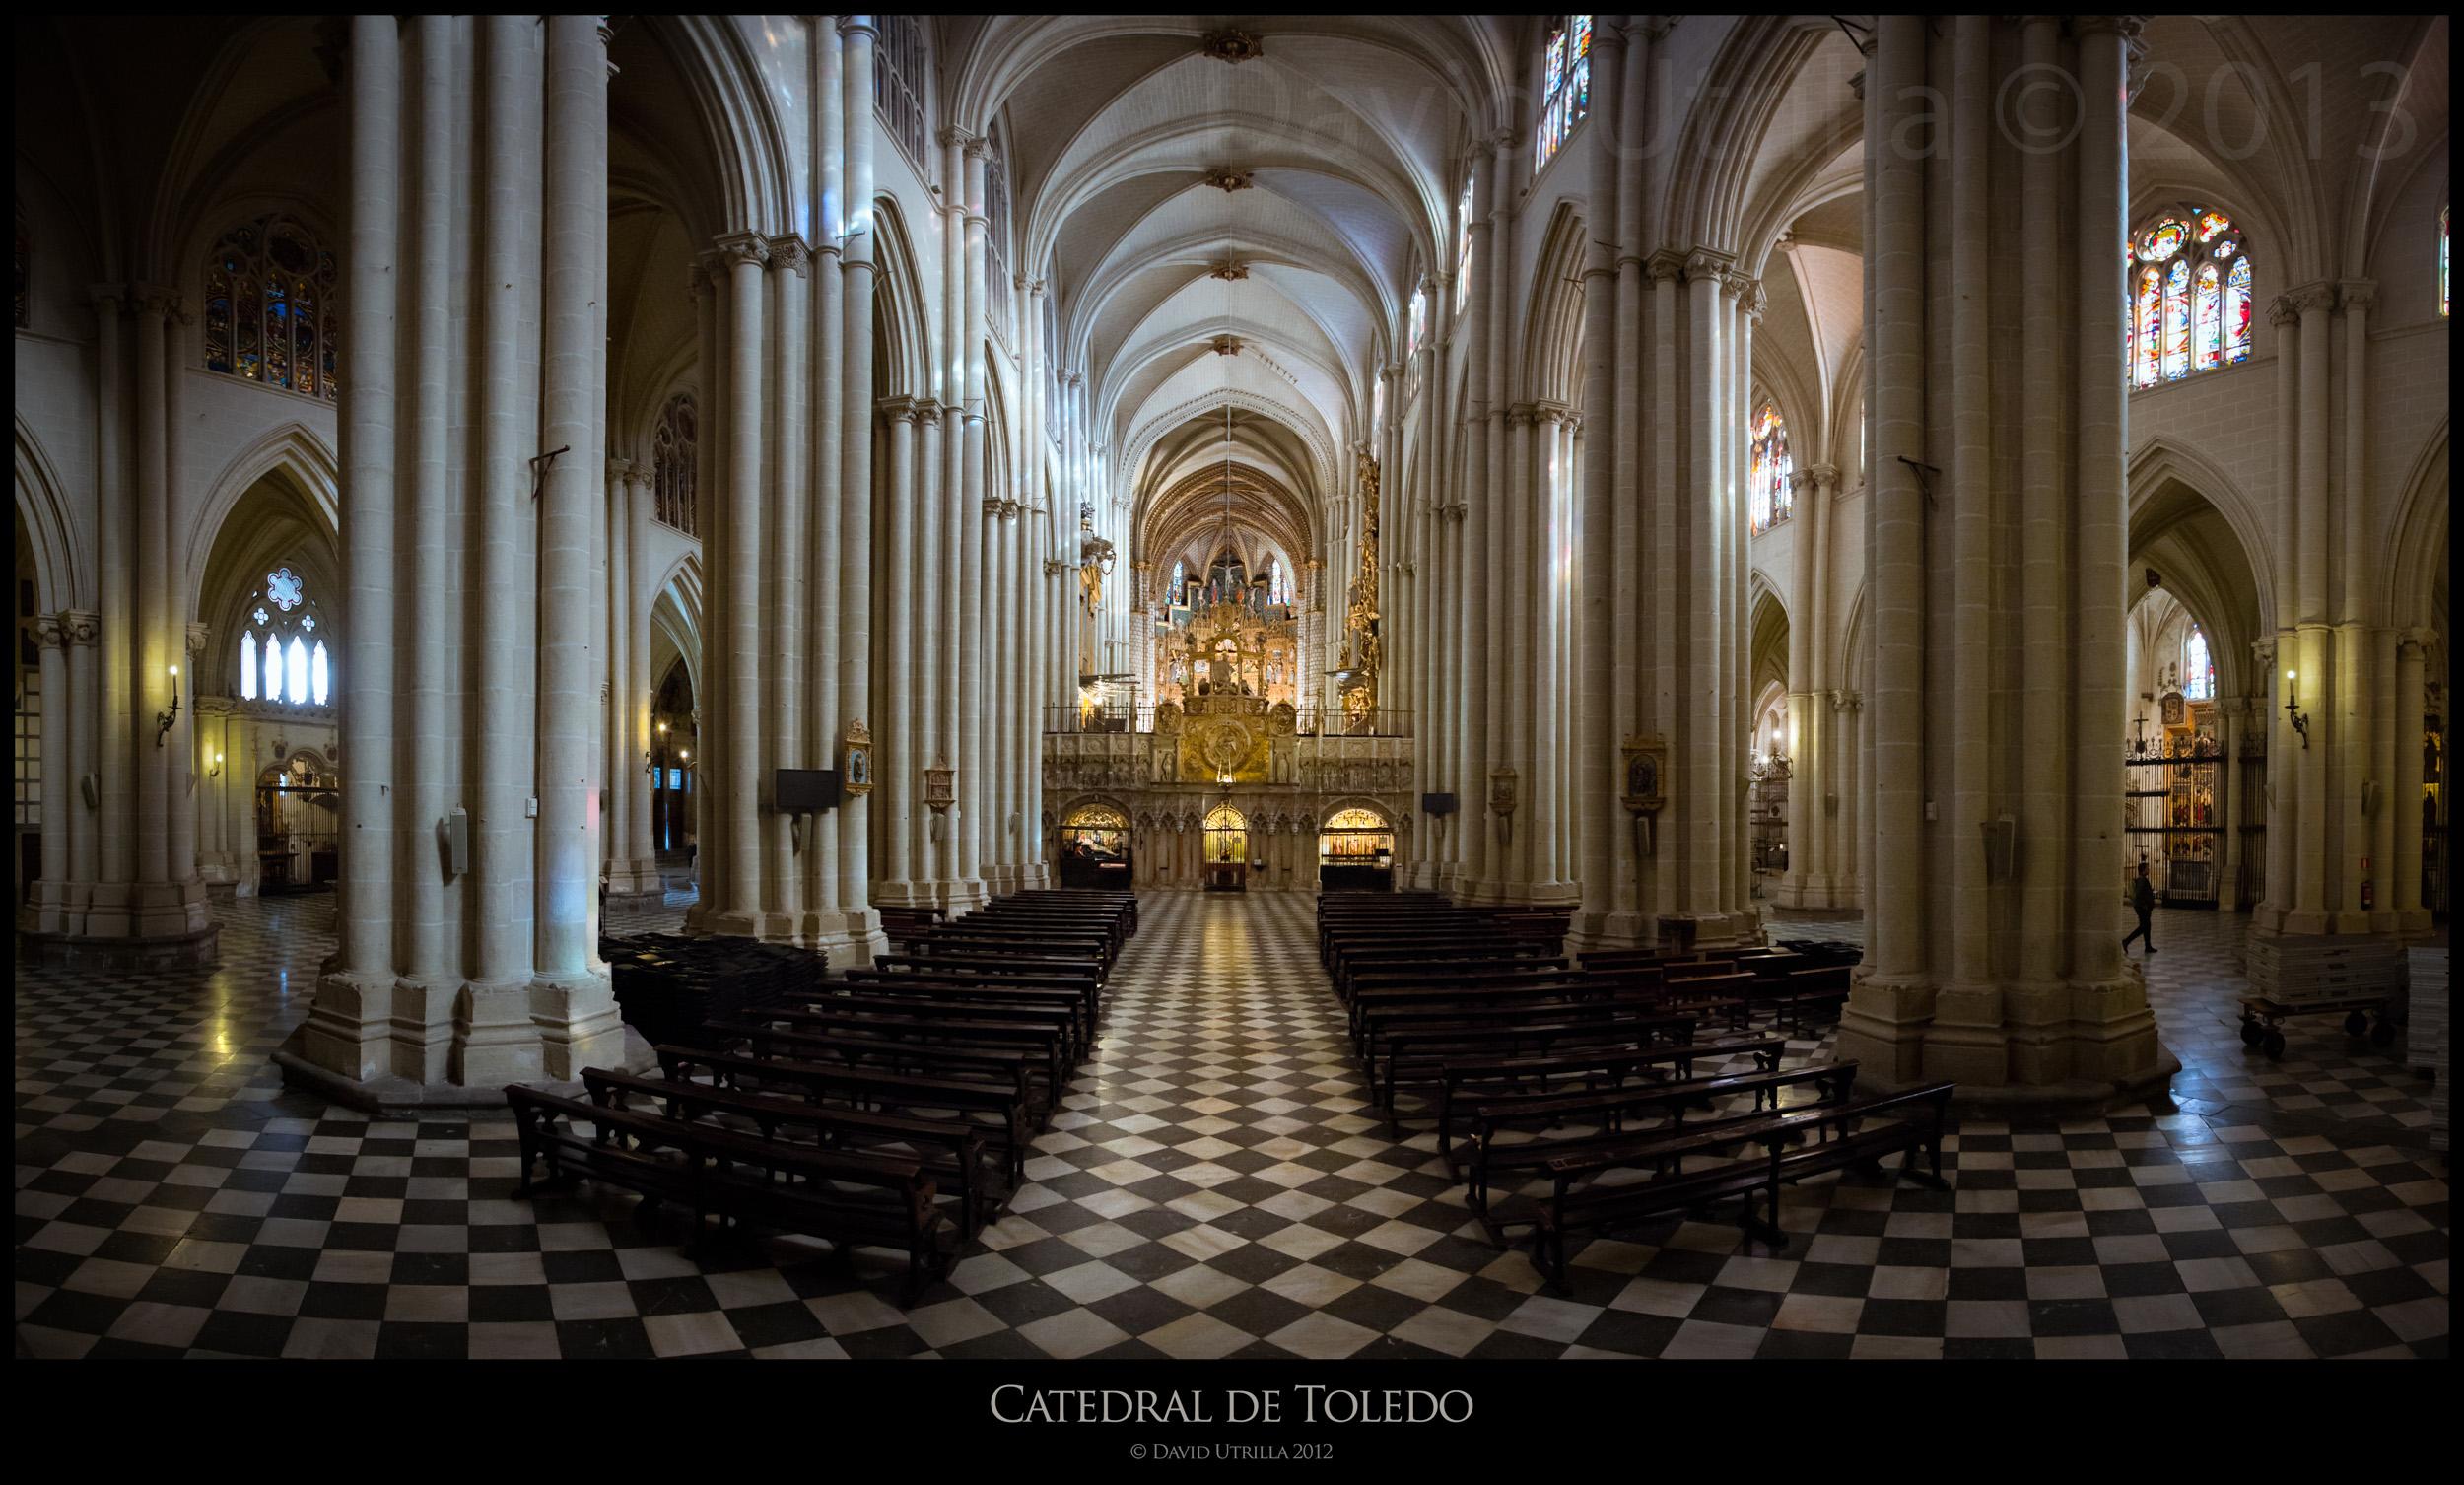 Interior de la Catedral de Toledo, por David Utrilla